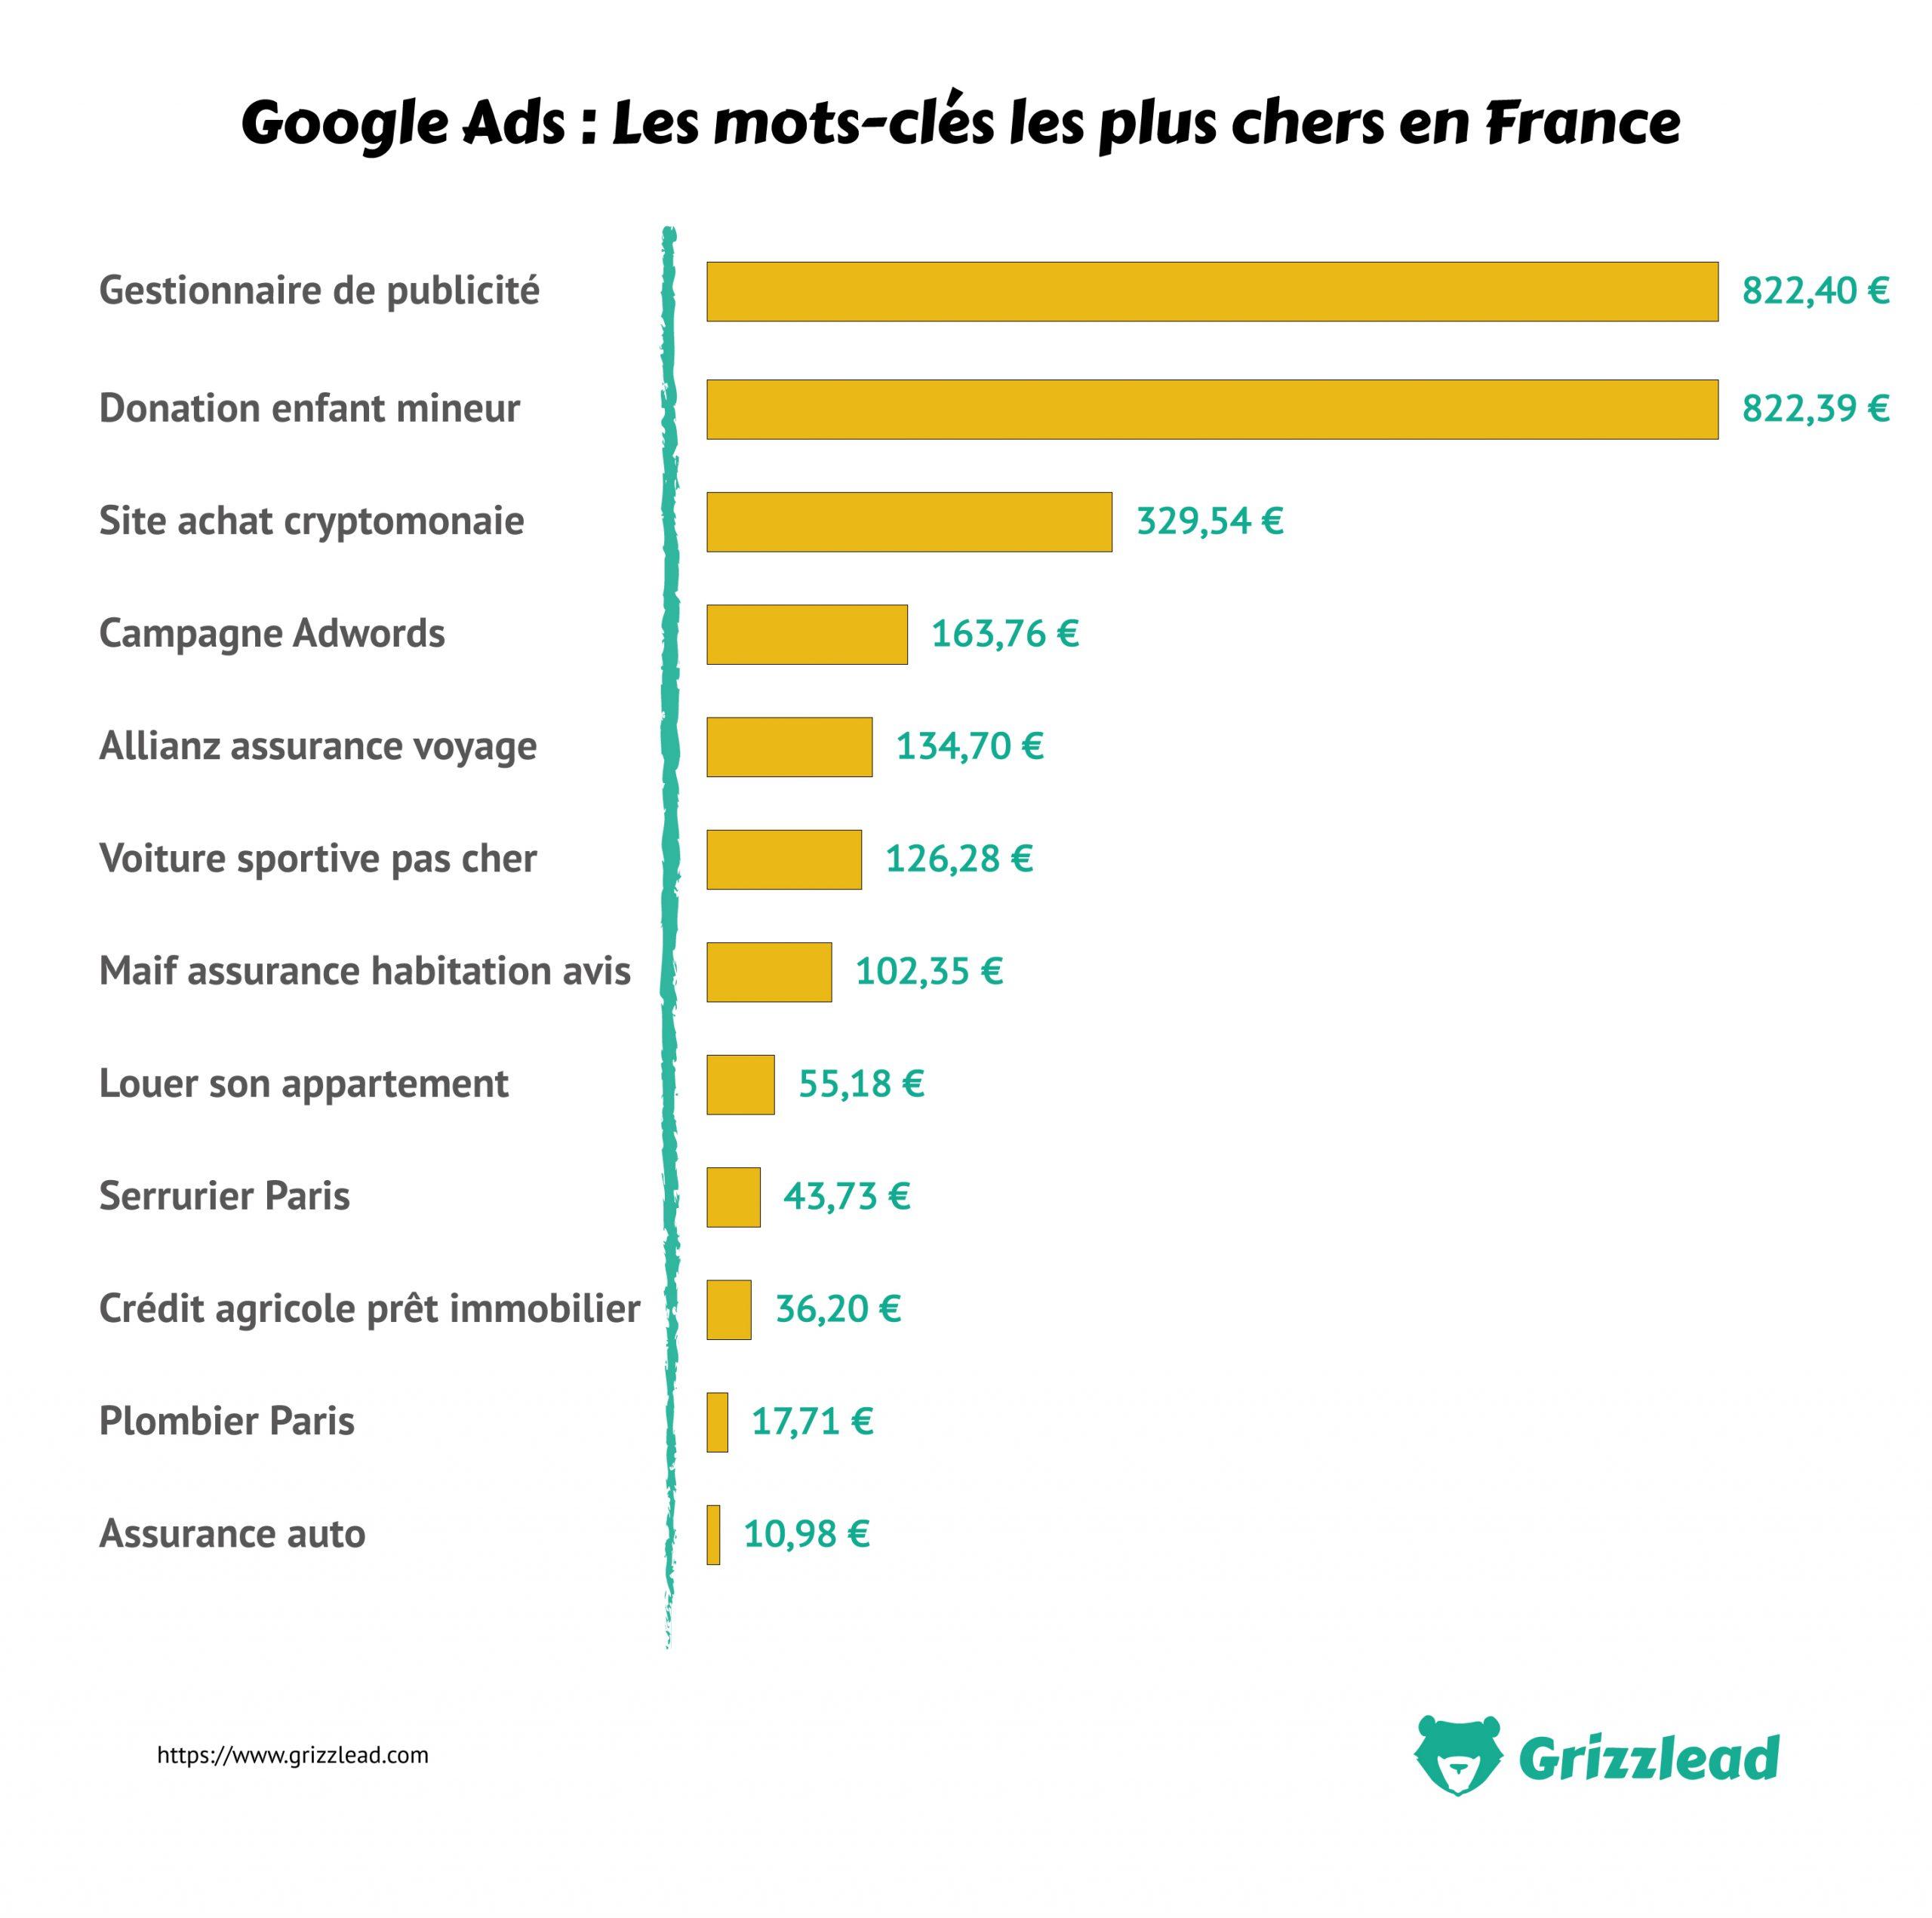 Les mots-clés les plus concurrentiels en France sur Google Ads Adwords